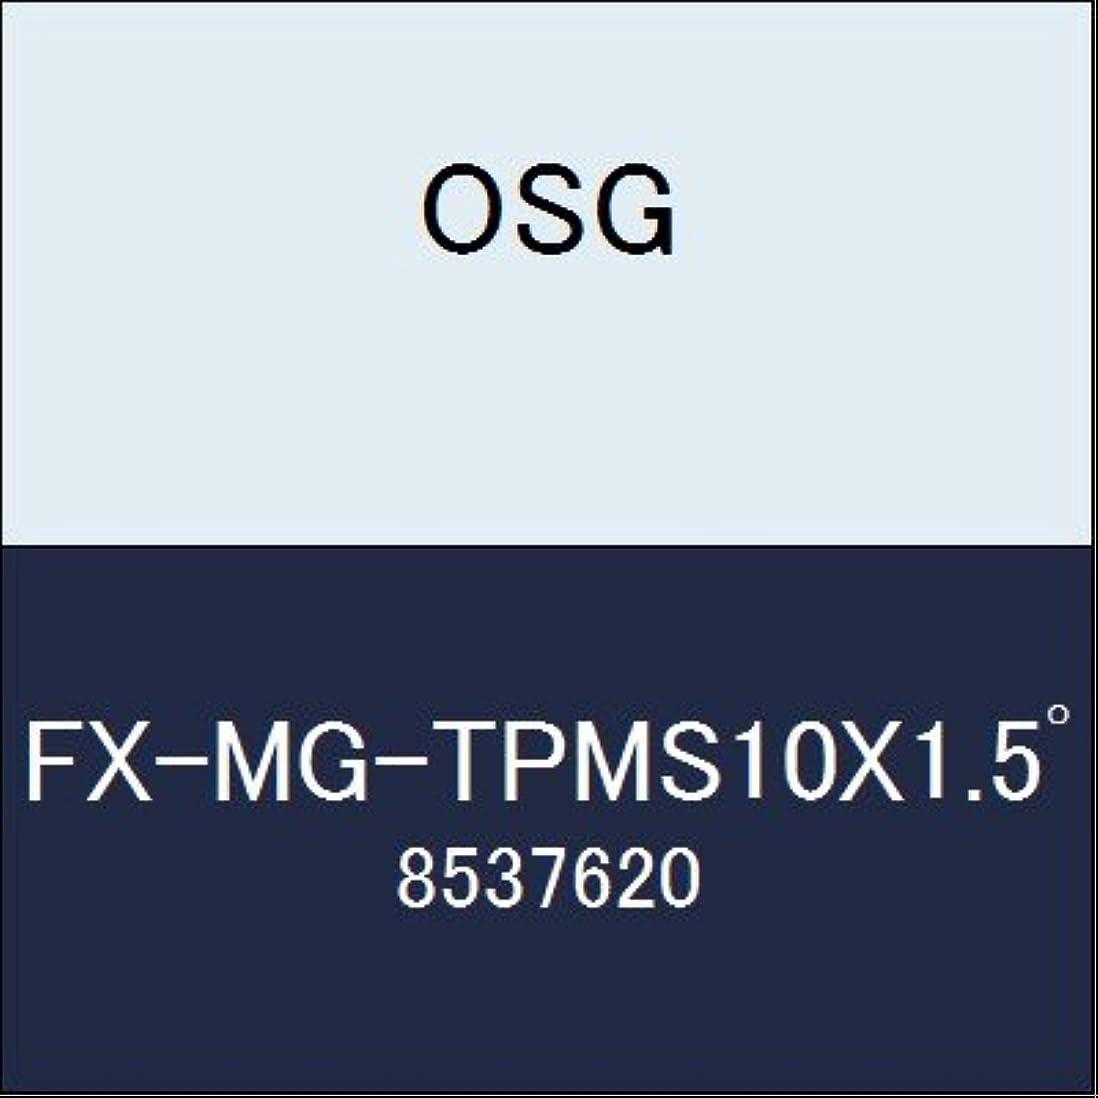 アンビエントビーズりんごOSG エンドミル FX-MG-TPMS10X1.5? 商品番号 8537620